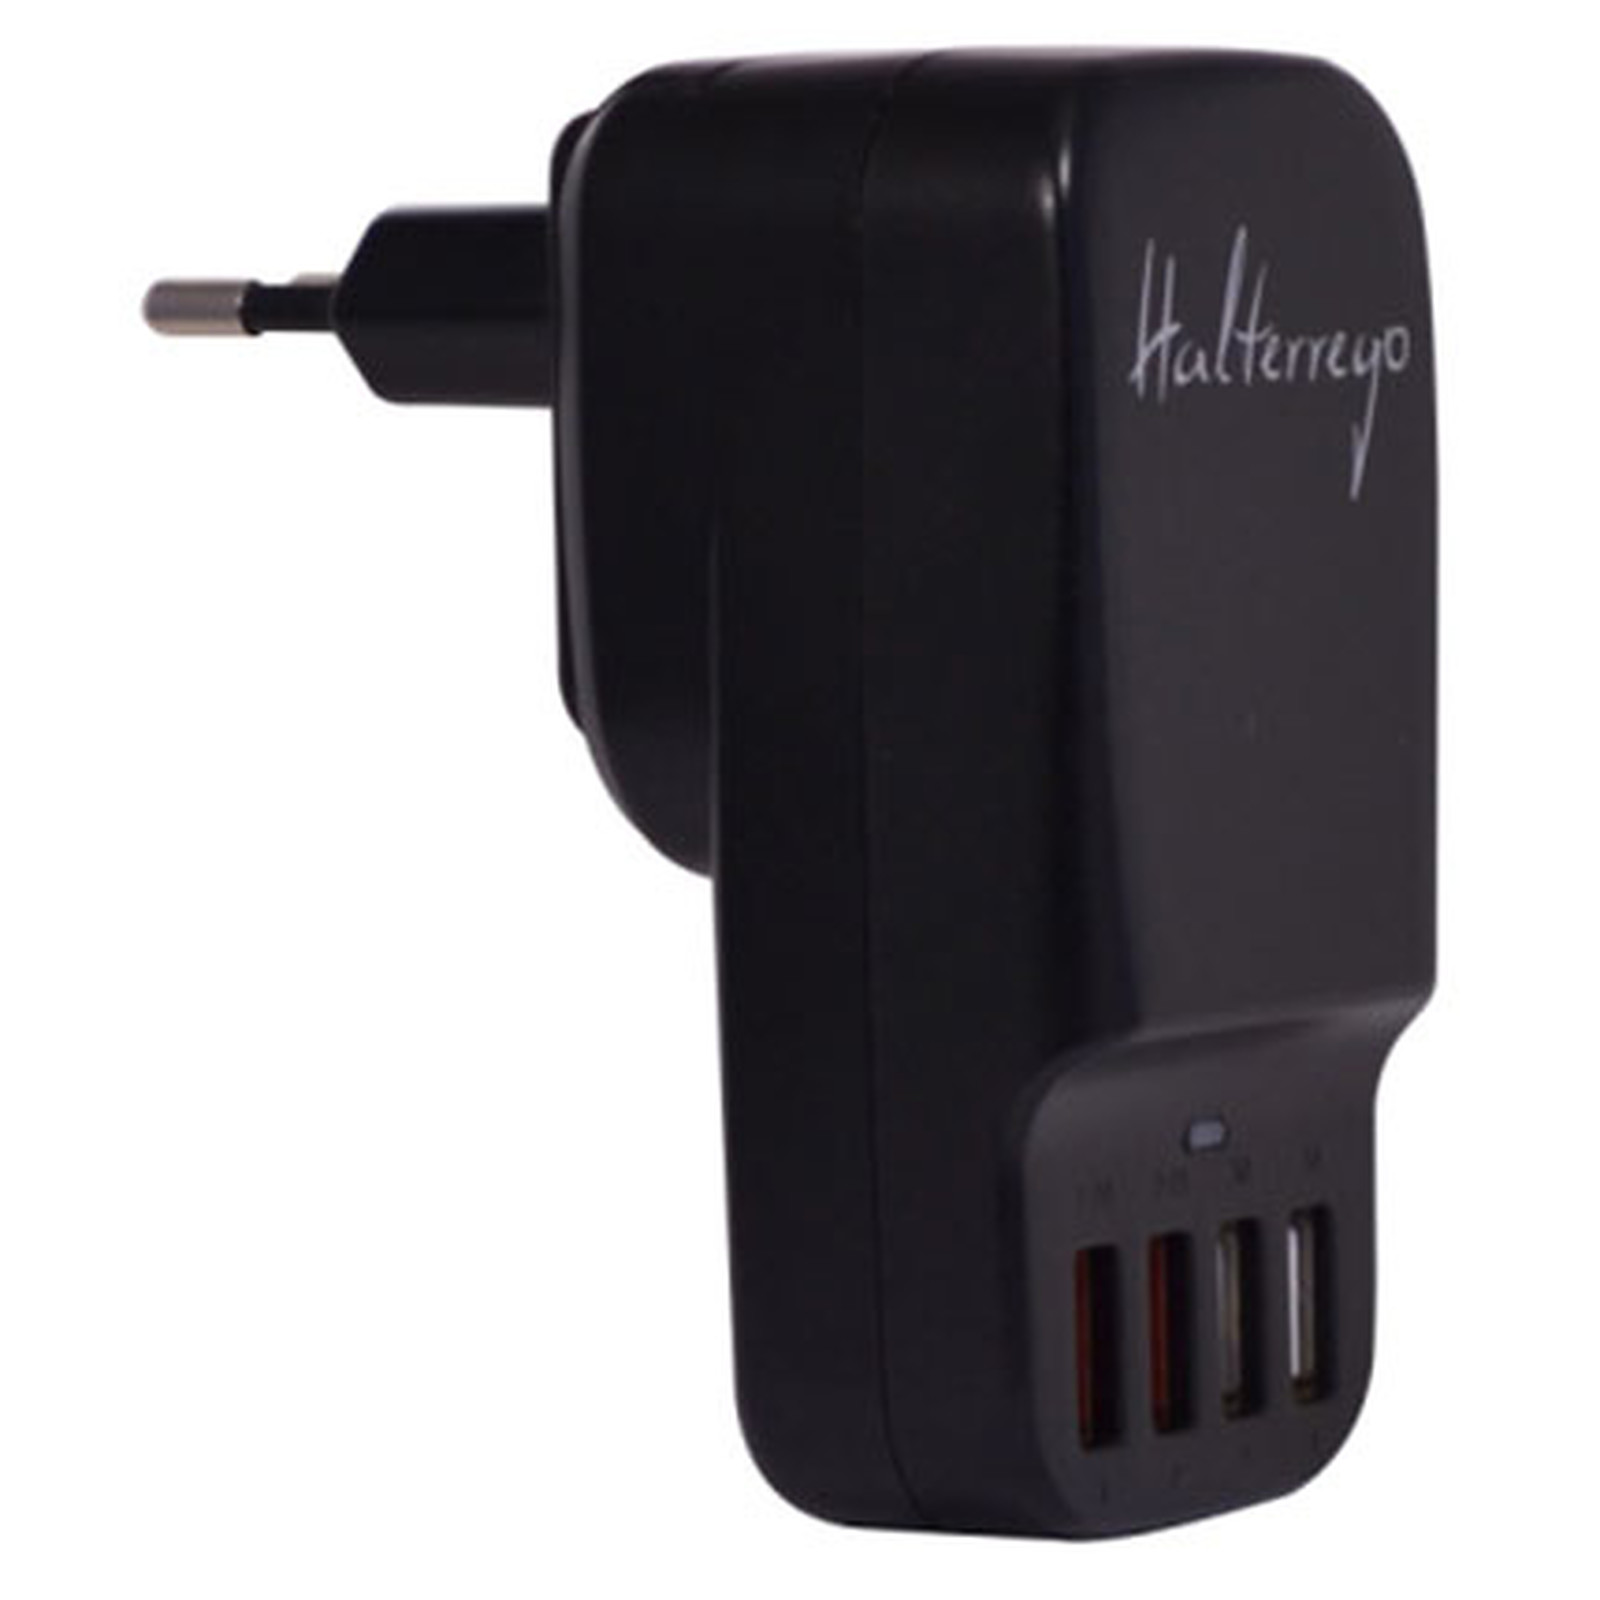 Halterrego chargeur multi USB (4 ports dont 2 de charge ultra-rapide) sur prise secteur